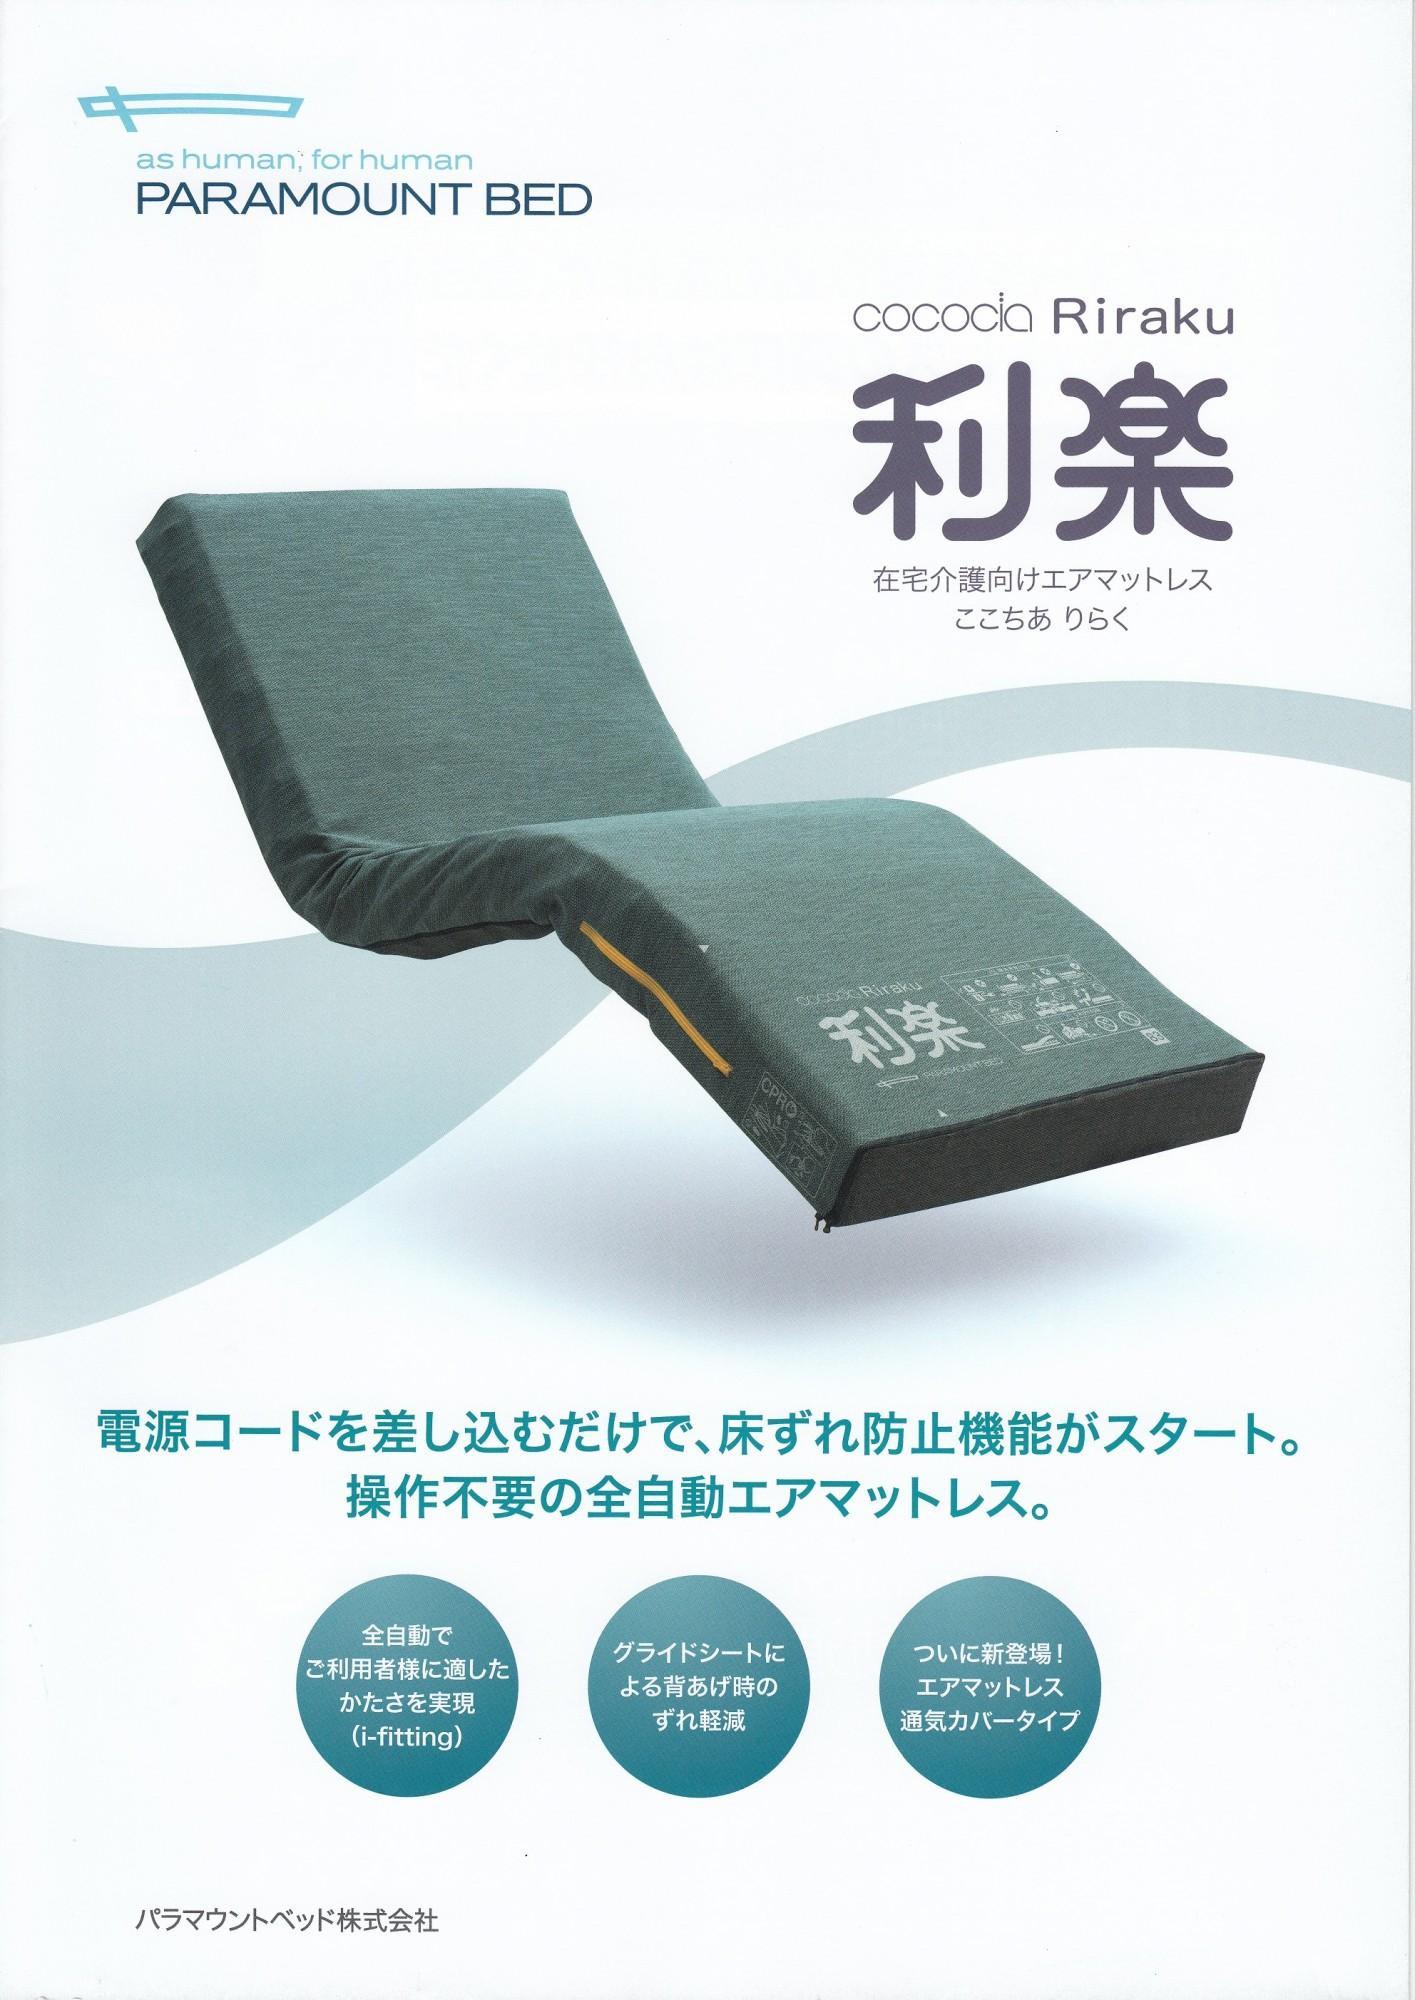 2018国際福祉機器展 感想(ベッド)